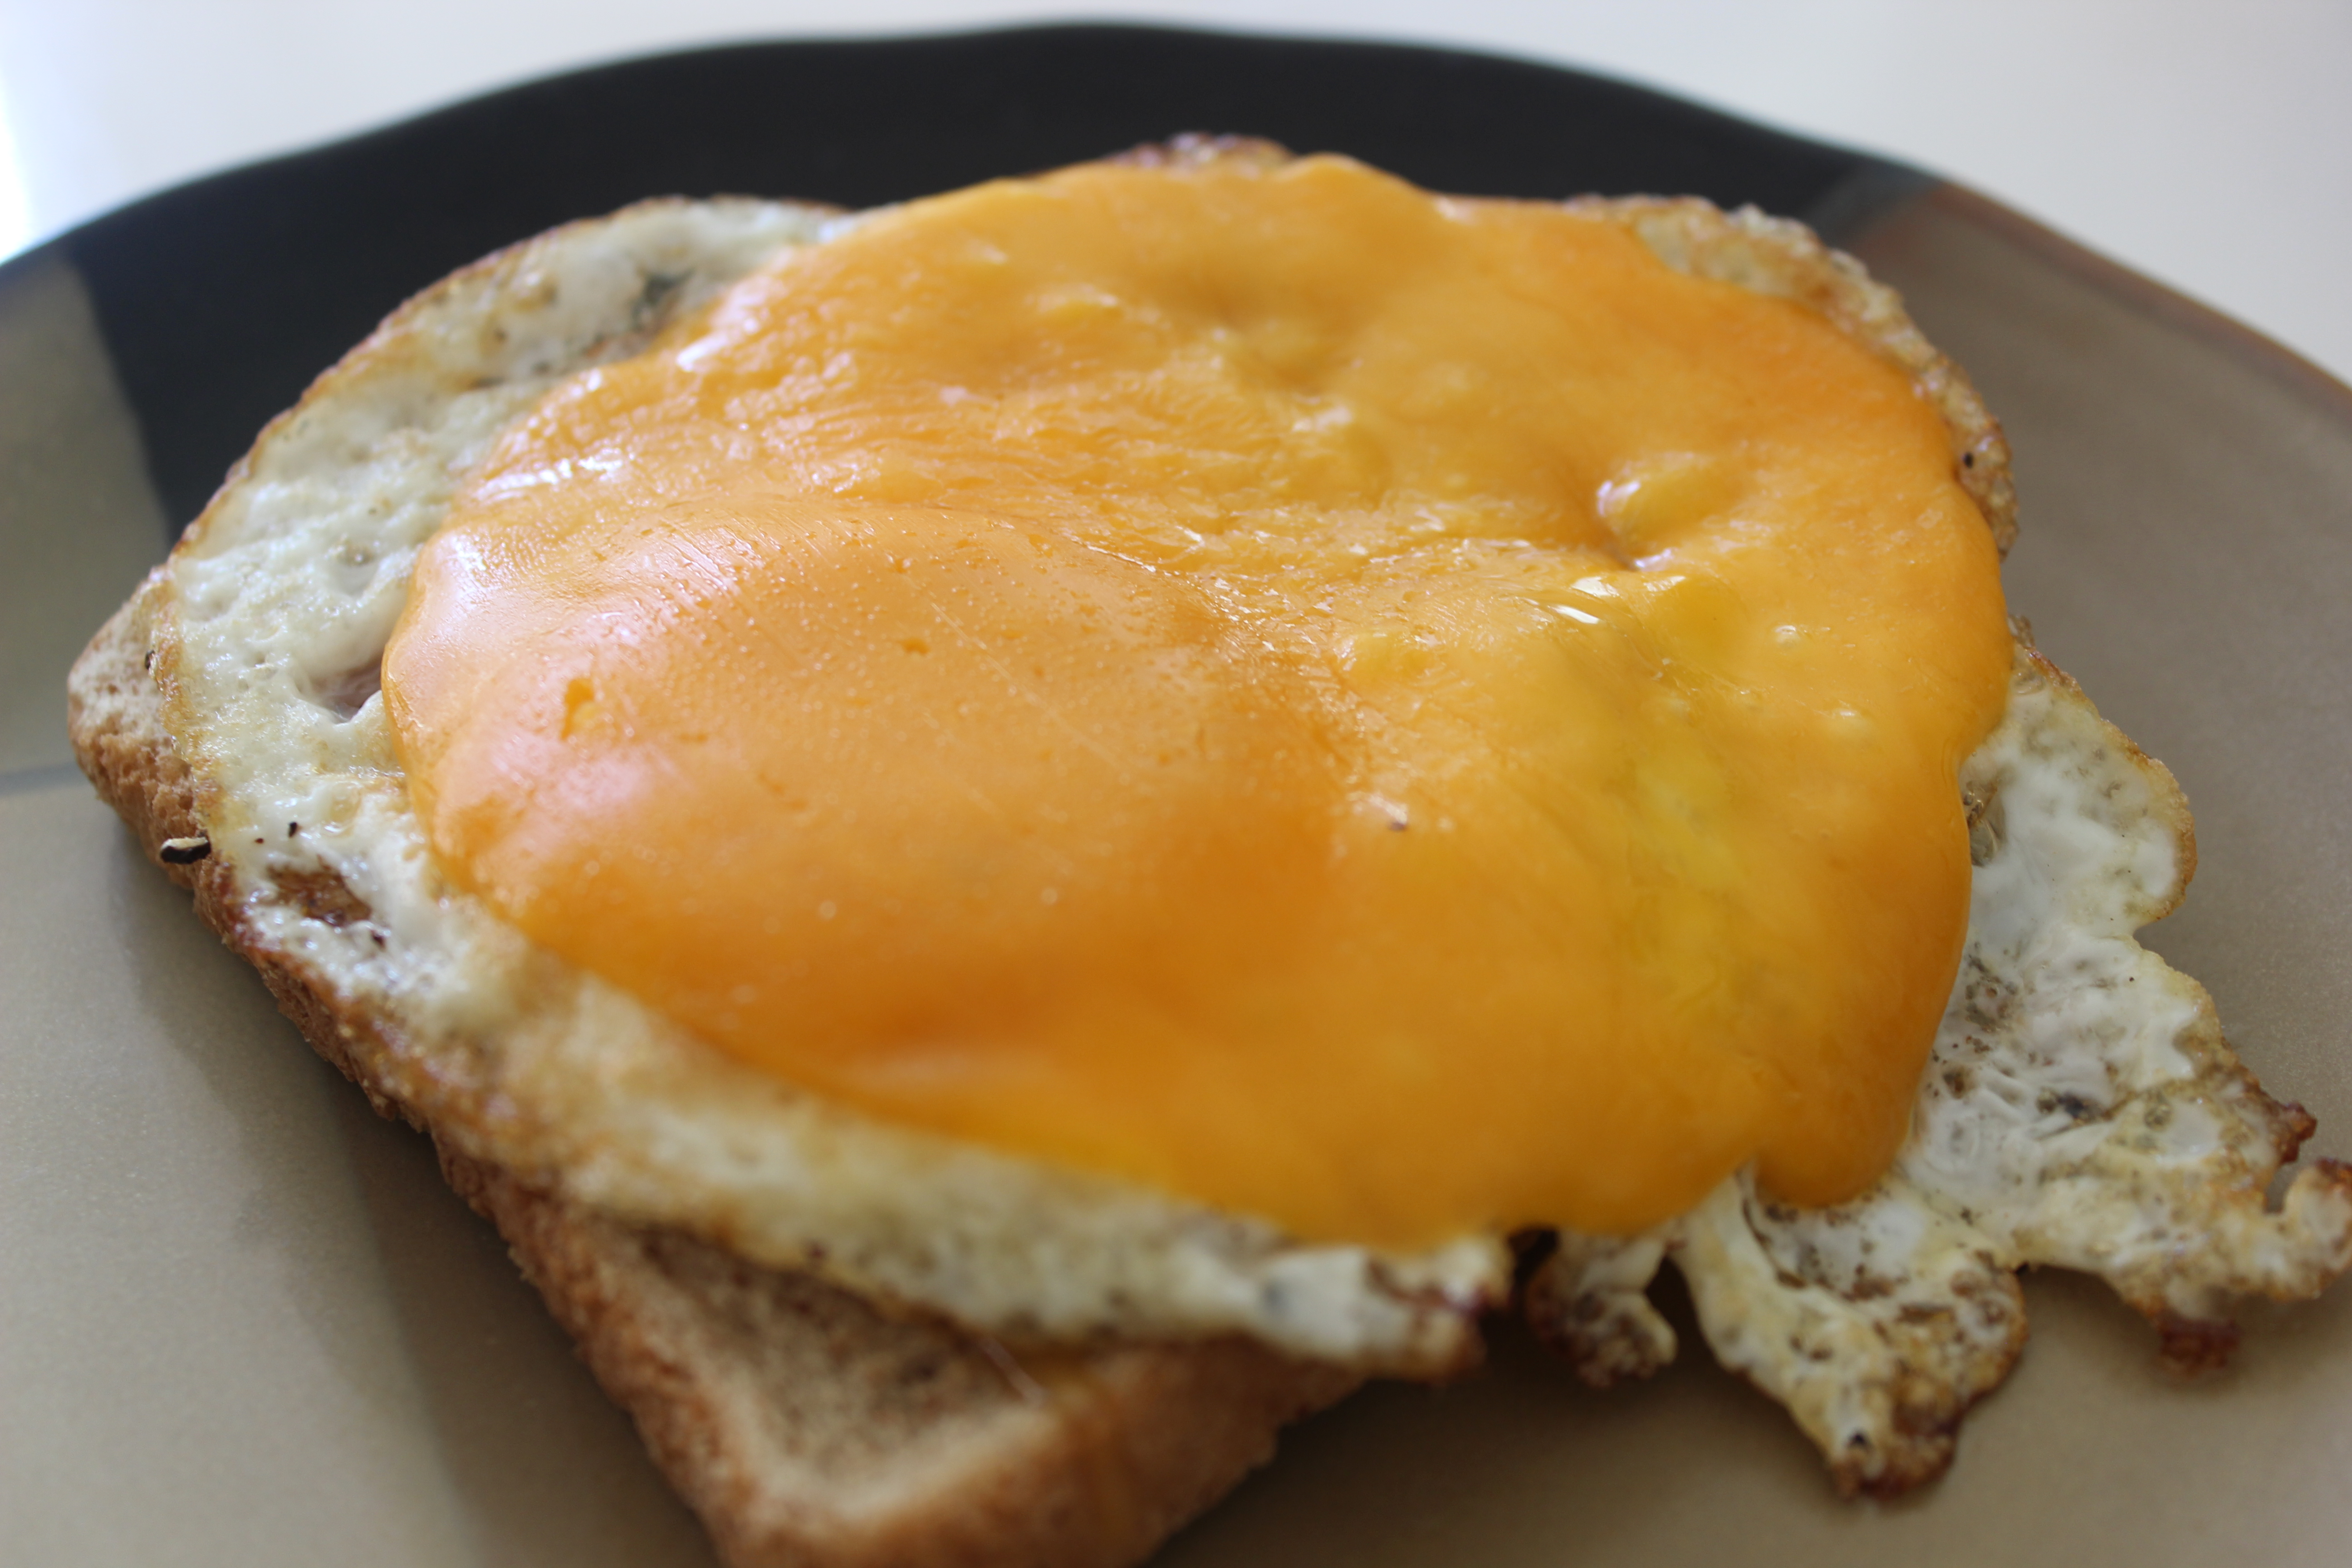 Simple Fried Egg Sandwich